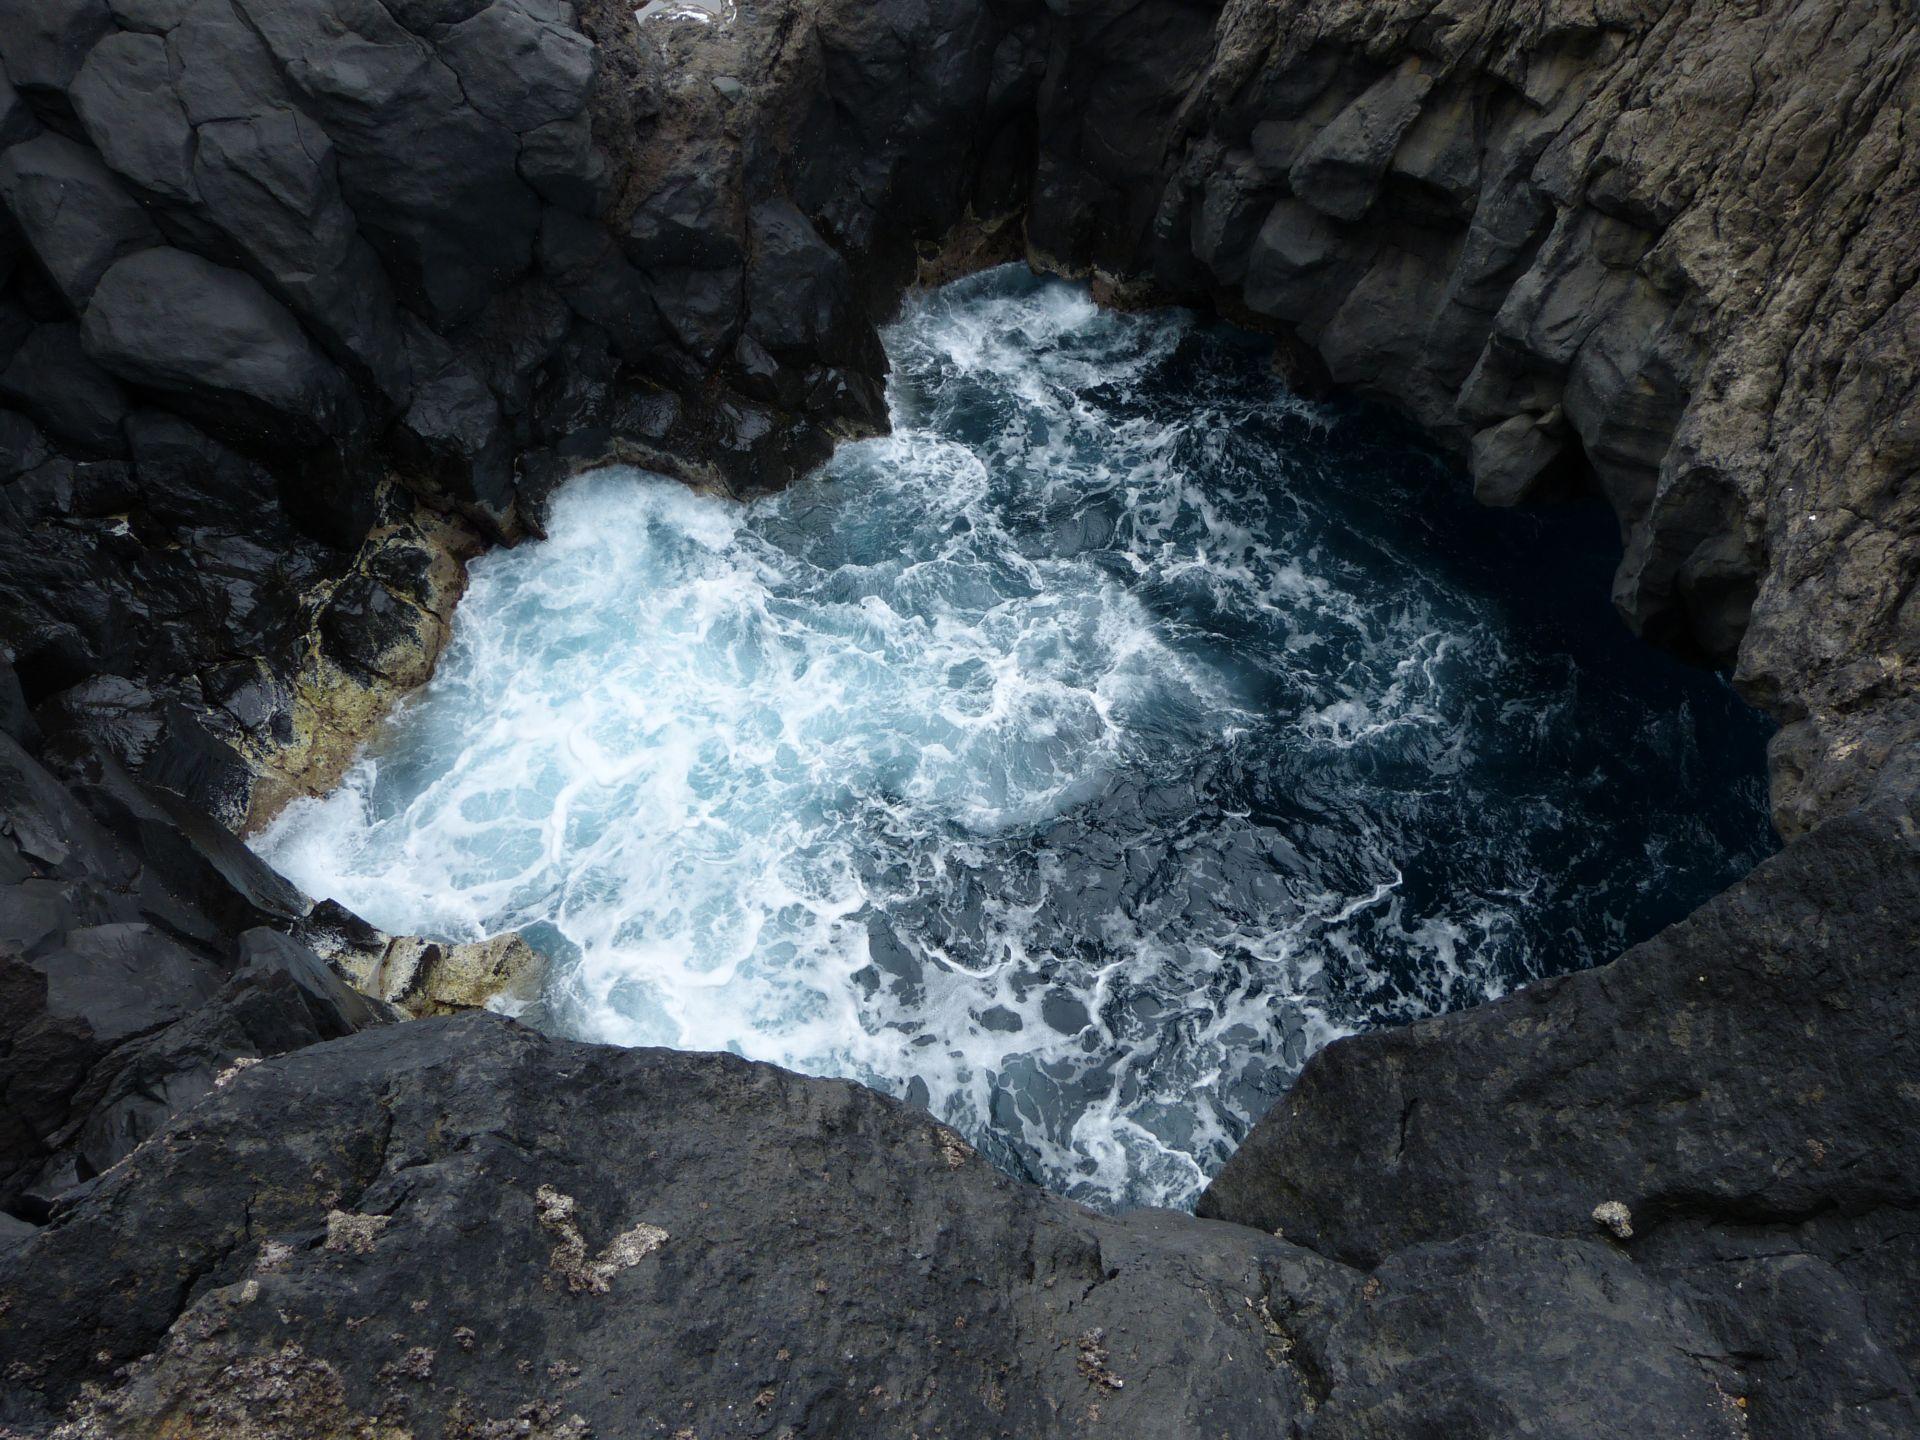 Der kurze Blick aus der Vulkanhöhle